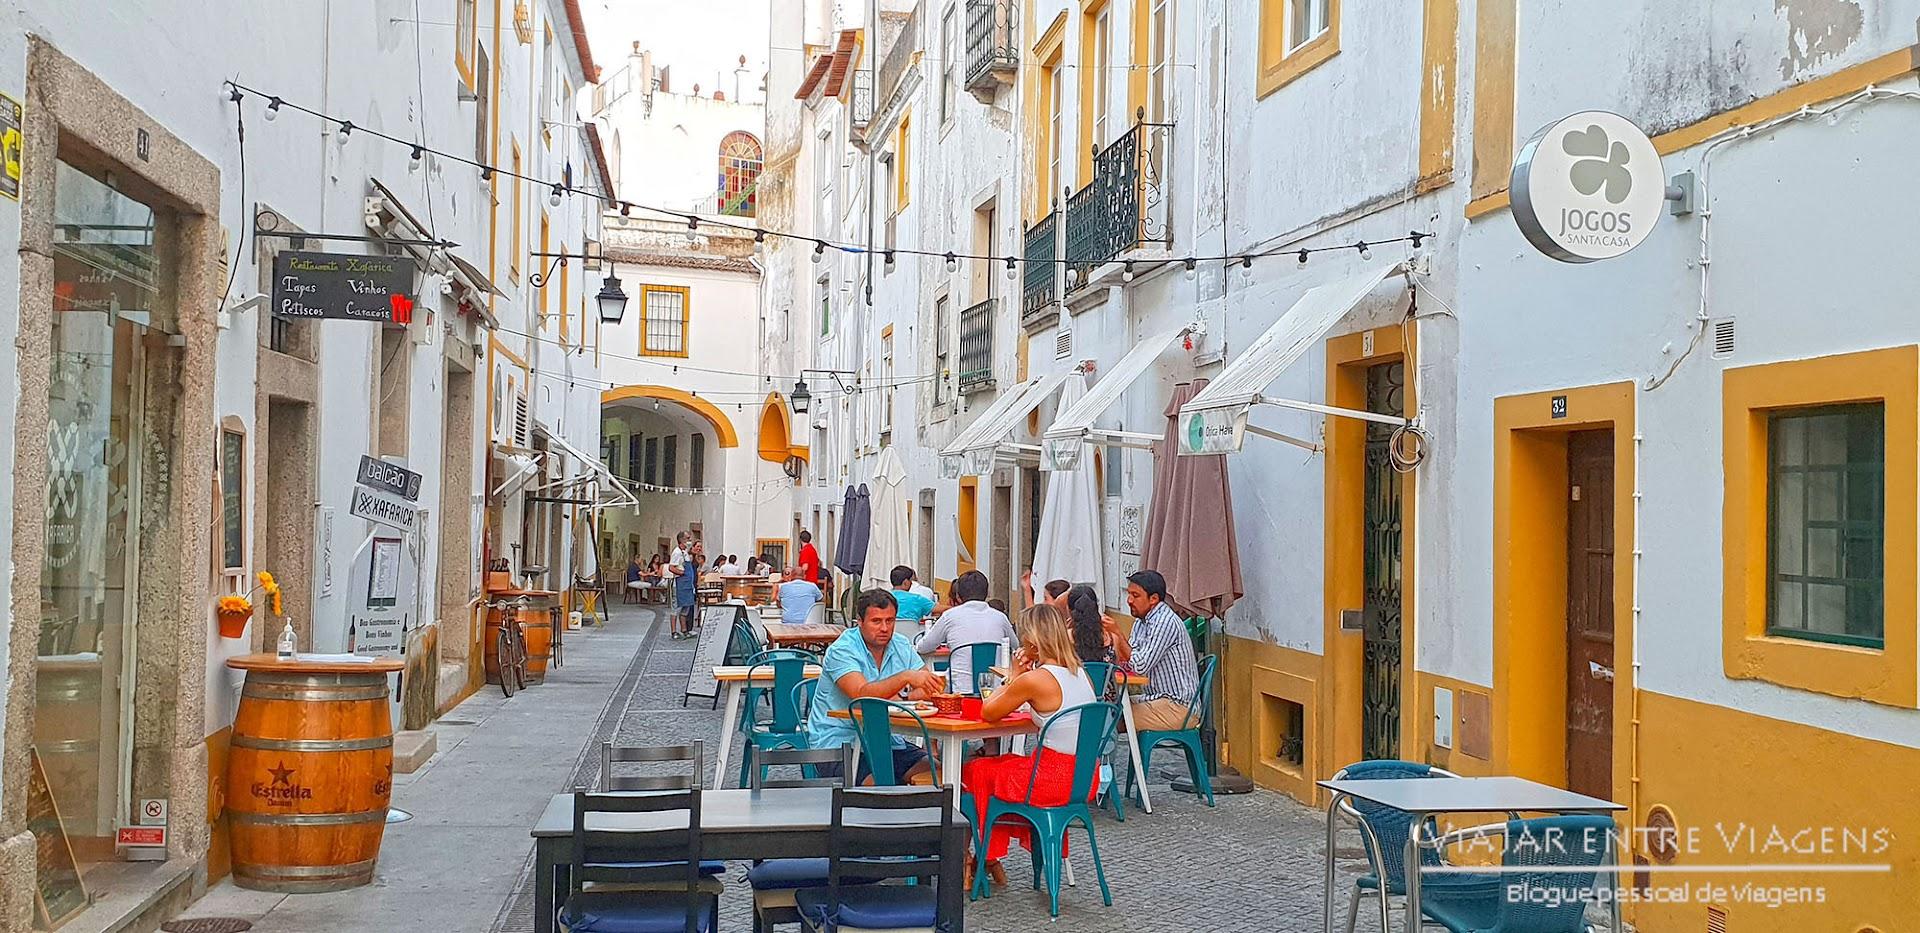 Ruas de Évora - VISITAR ÉVORA, o que ver e fazer na cidade-museu, Património Mundial da UNESCO